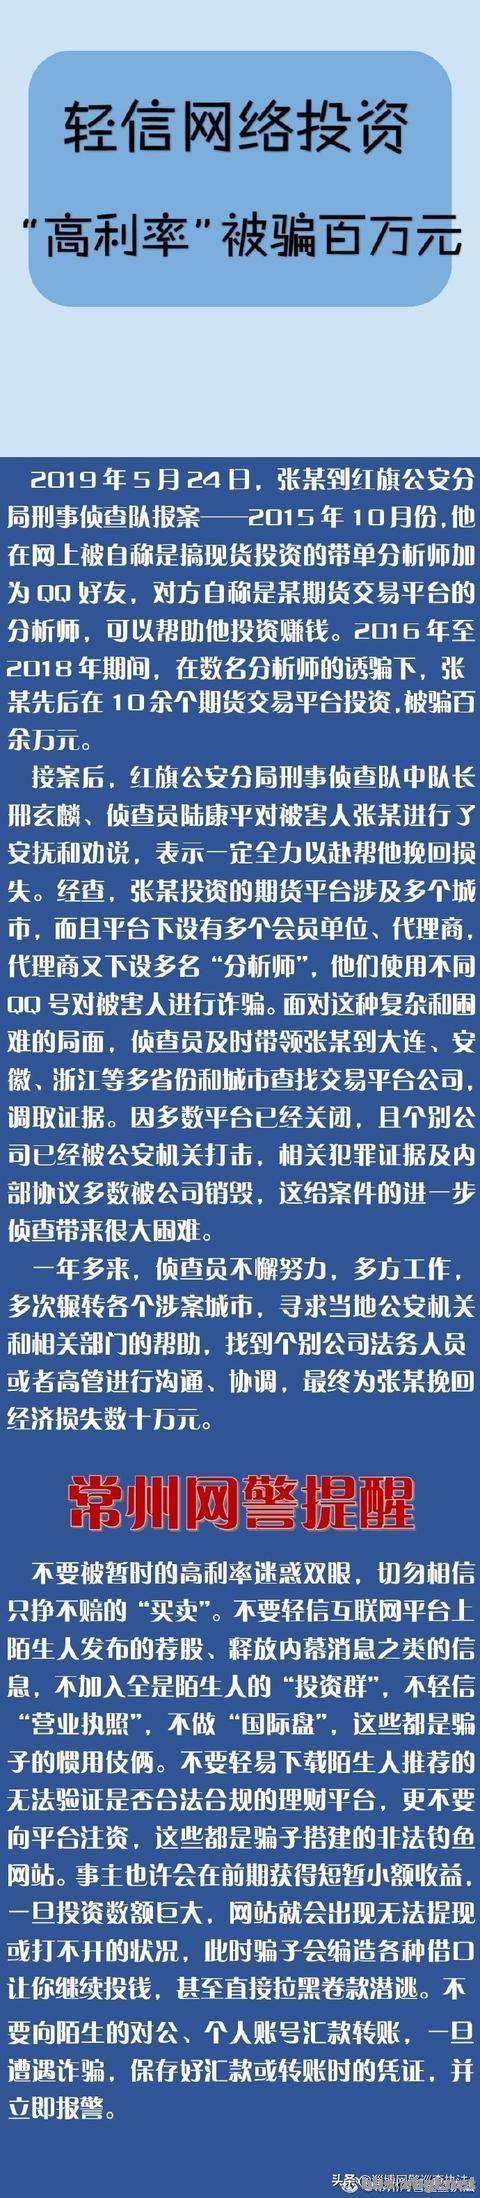 """轻信网络投资""""高利率""""被骗百万元-1.jpg"""